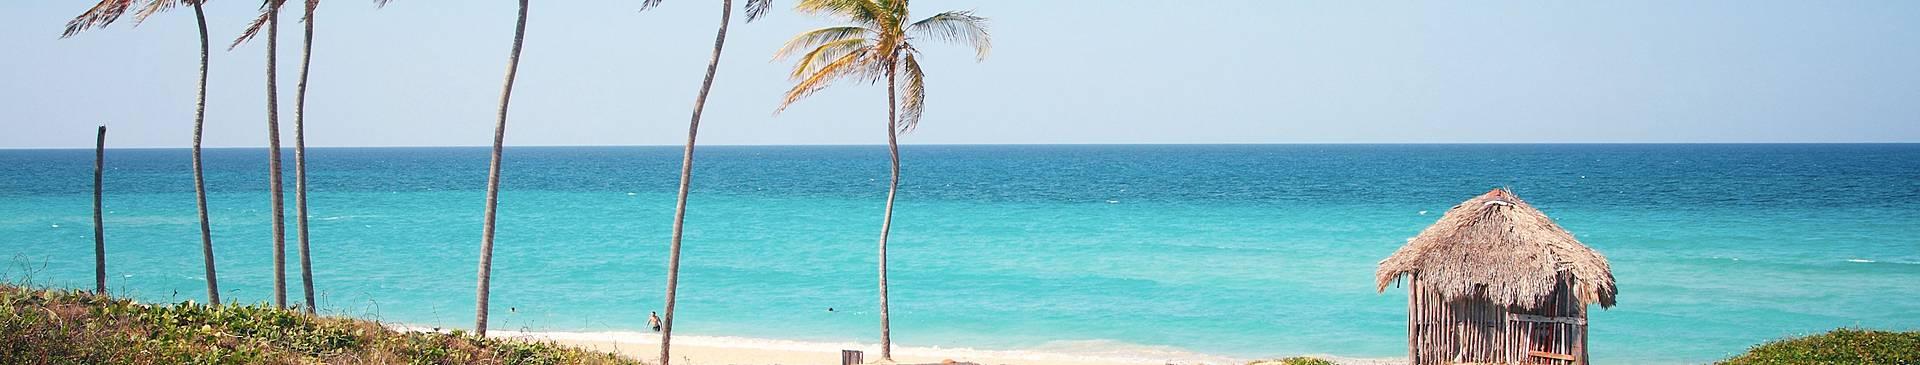 Viaggi al mare a Cuba